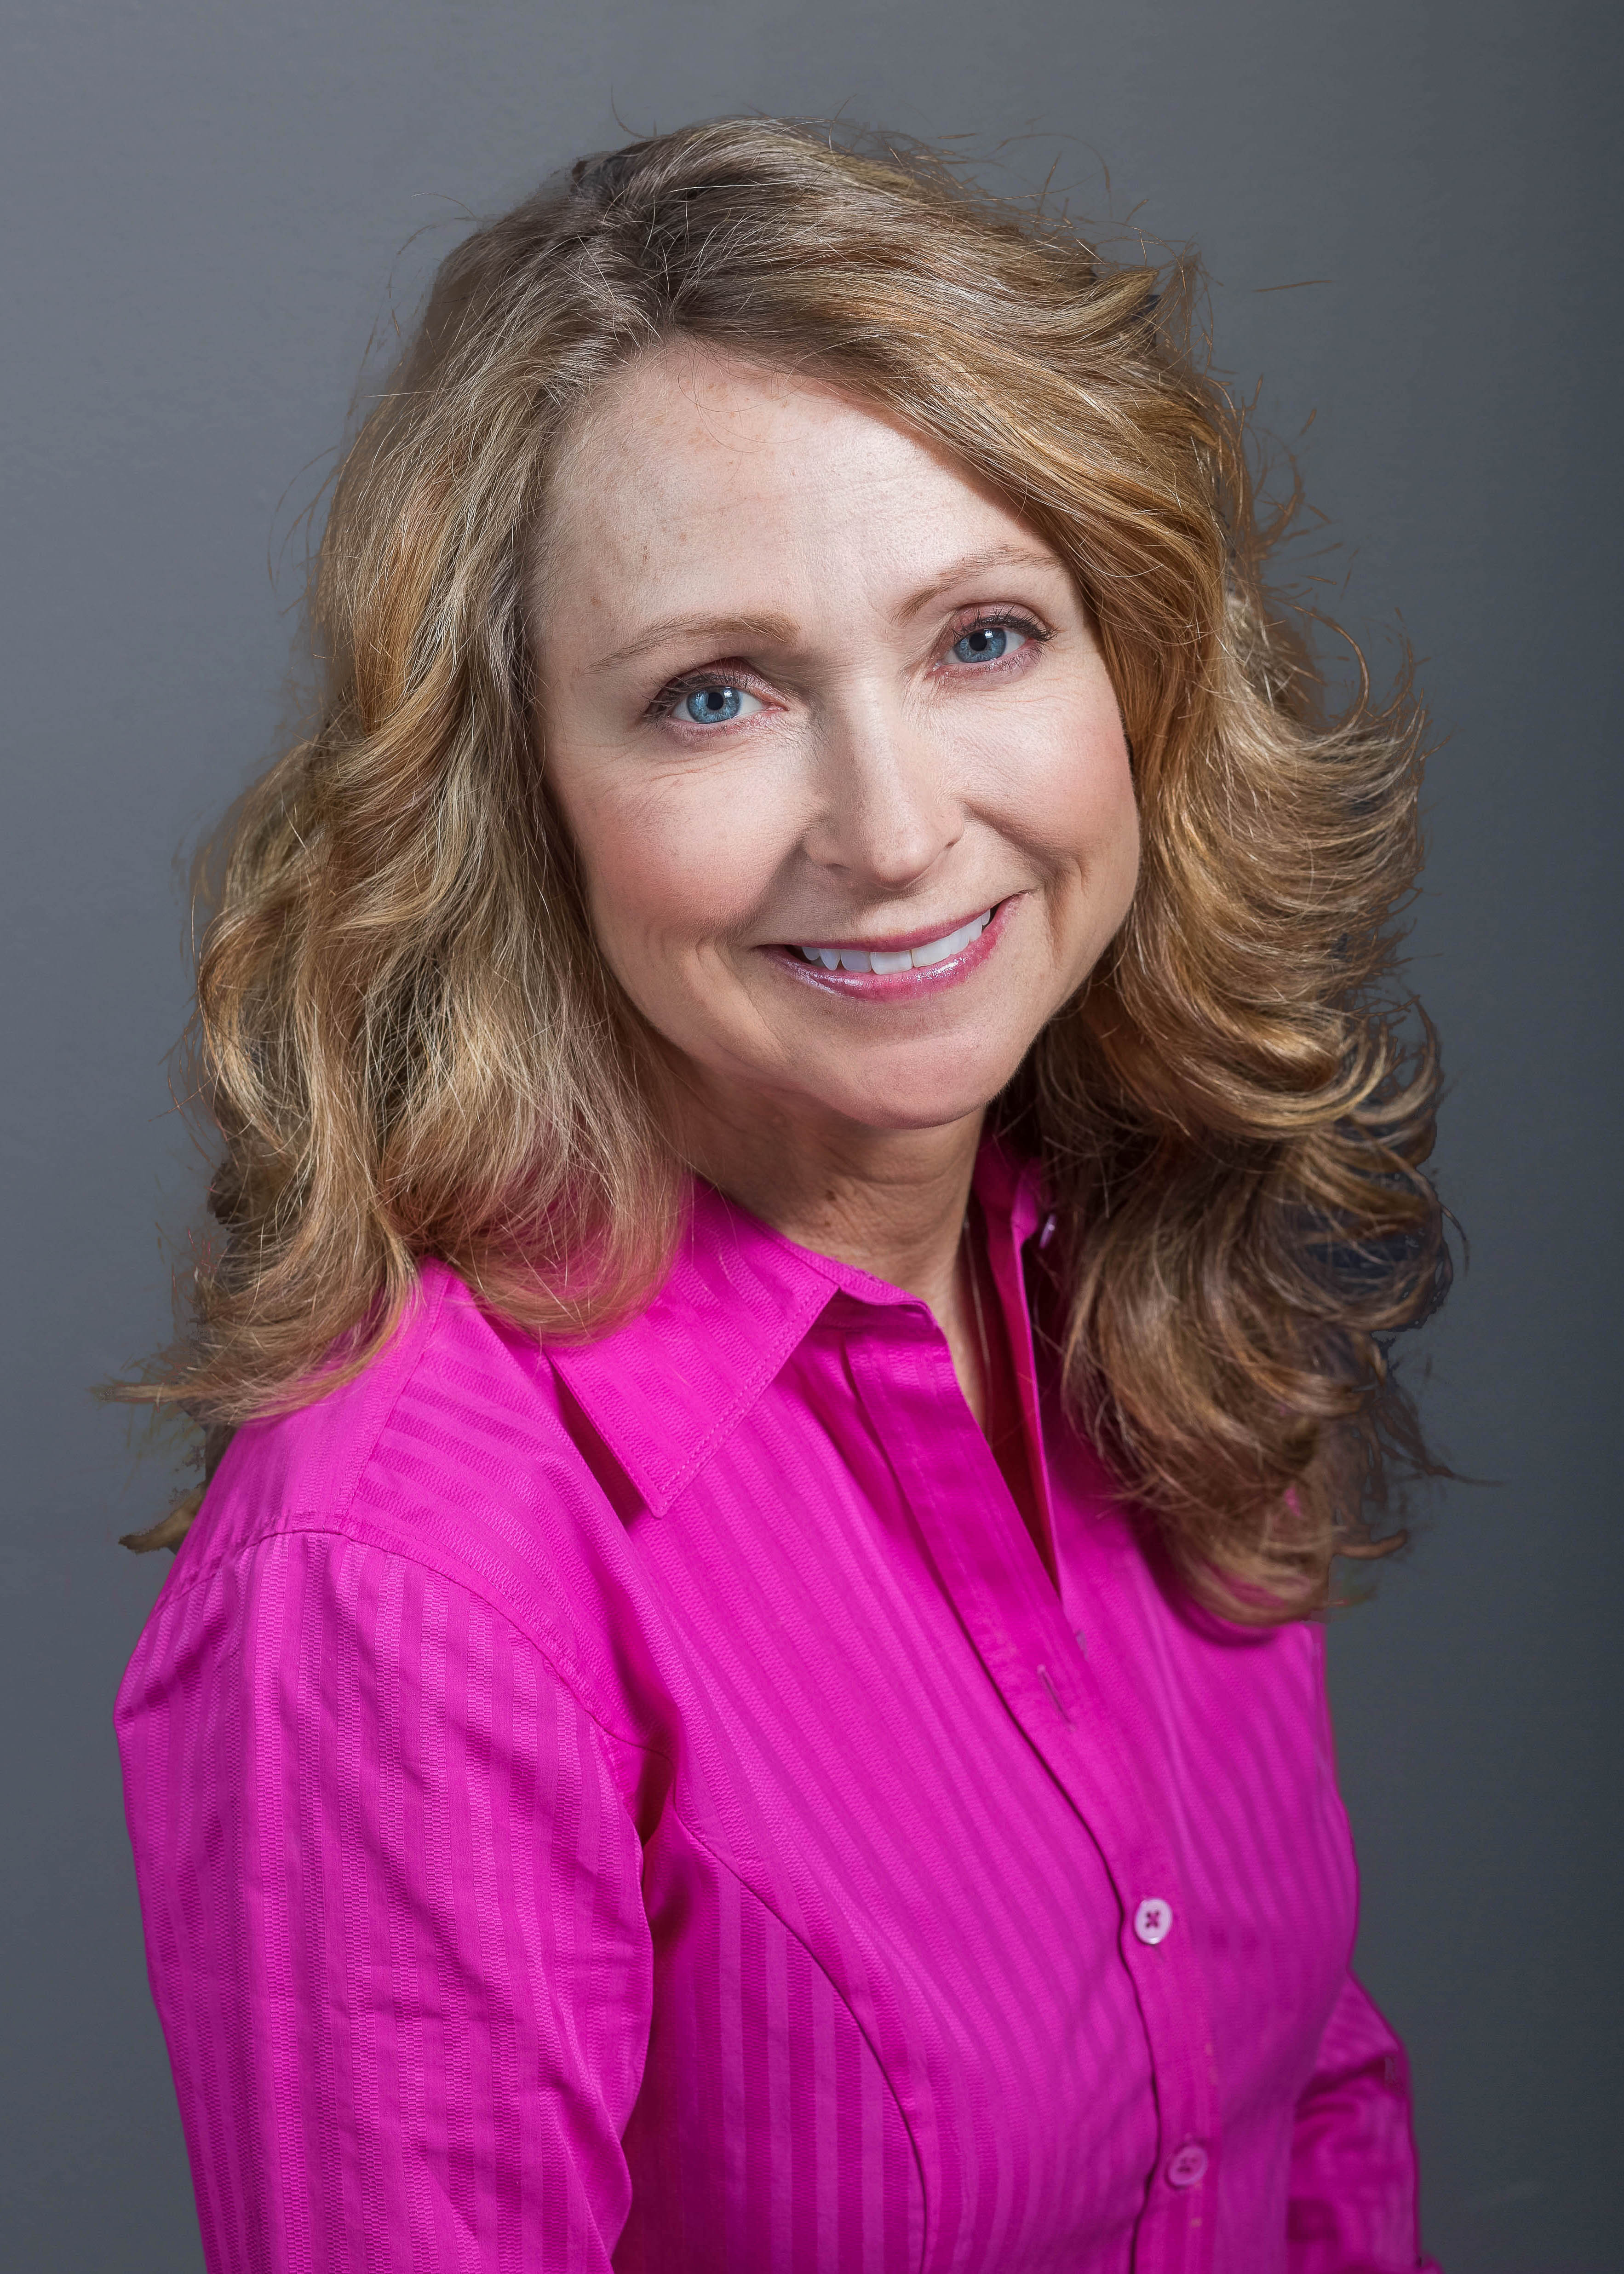 Maureen Gillardi